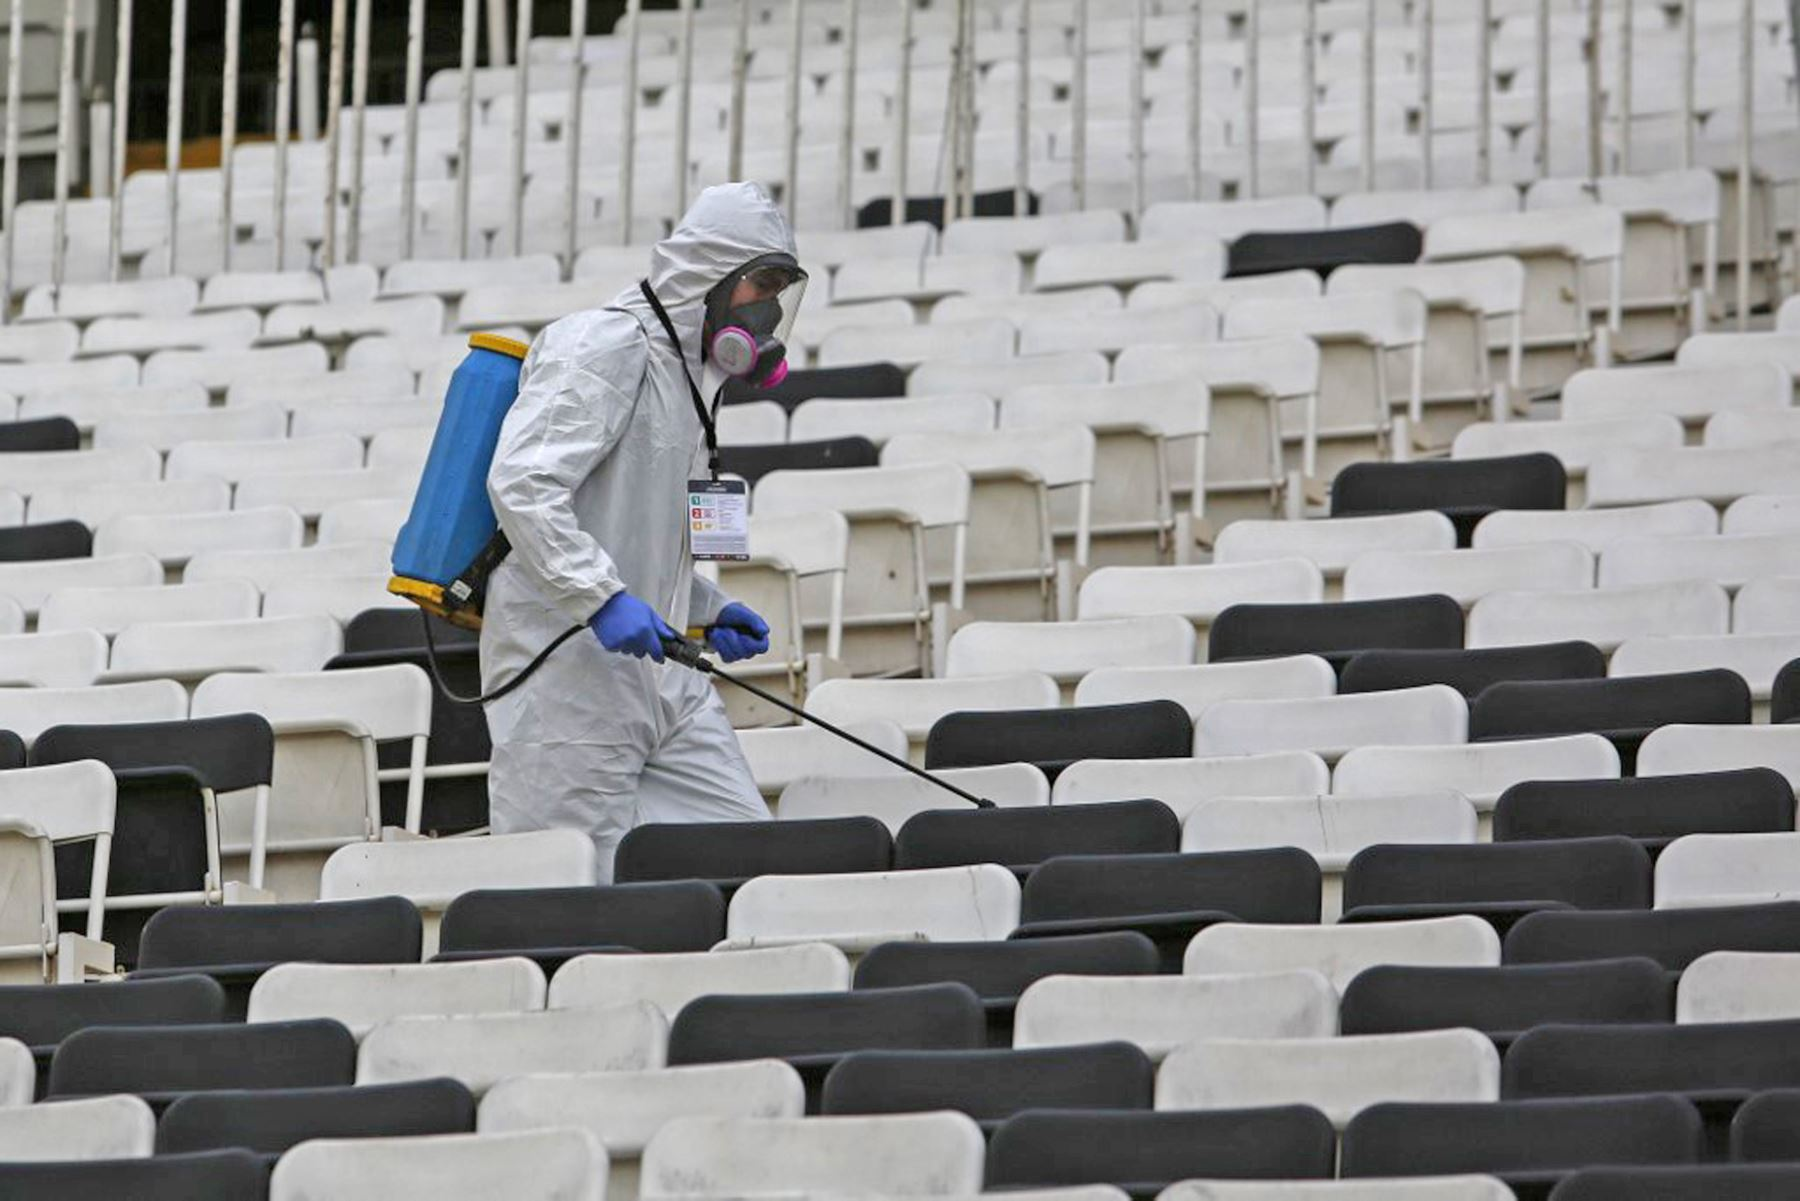 Un trabajador desinfecta los asientos antes del inicio del partido de fútbol a puerta cerrada de la fase de grupos de la Copa Libertadores entre Colo Colo de Chile y Peñarol de Uruguay, en el estadio Monumental de Santiago. Foto: AFP